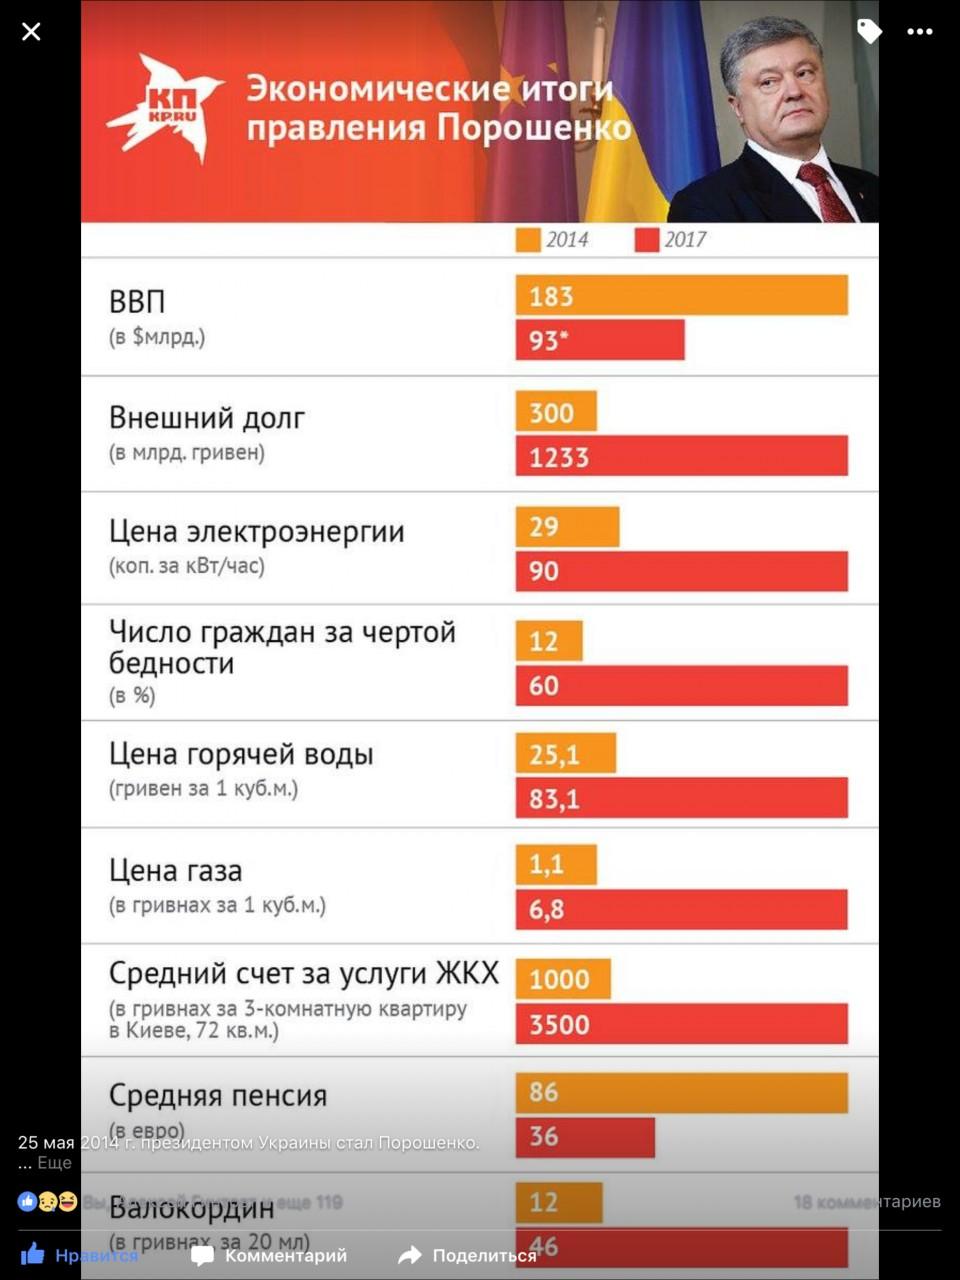 Экономические итоги правления Порошенко